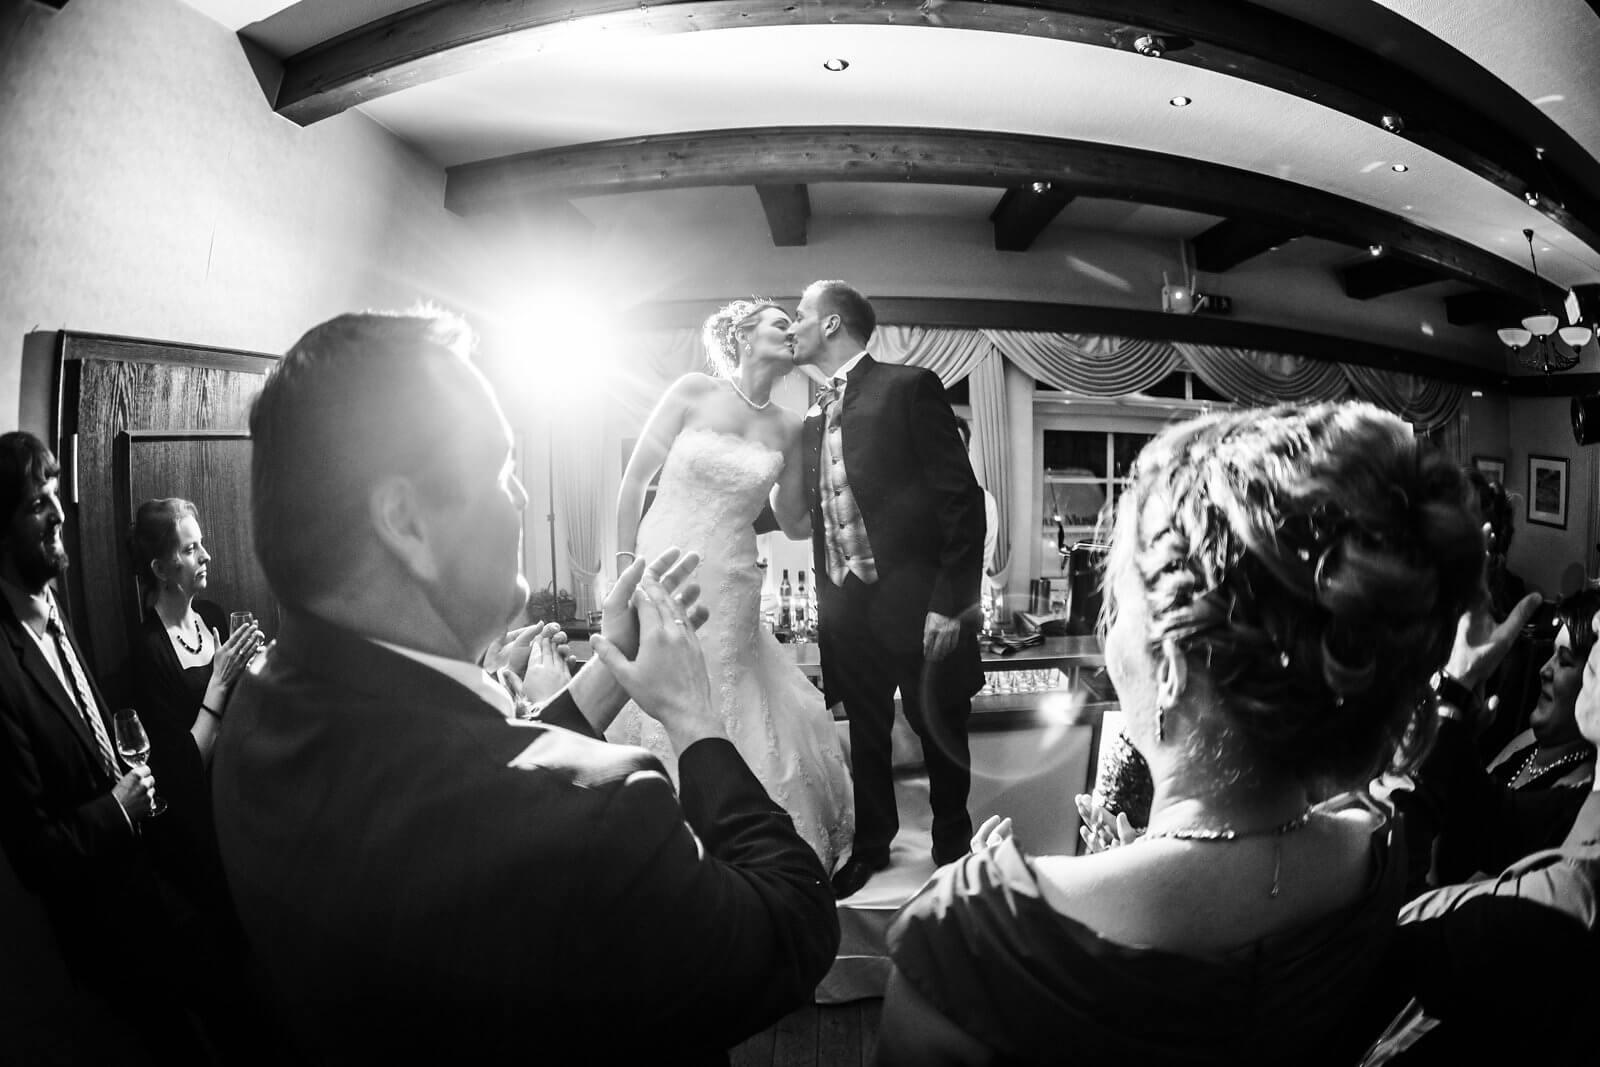 Brautpaar Tanzfläche Kuss Sudermühlen Egestorf